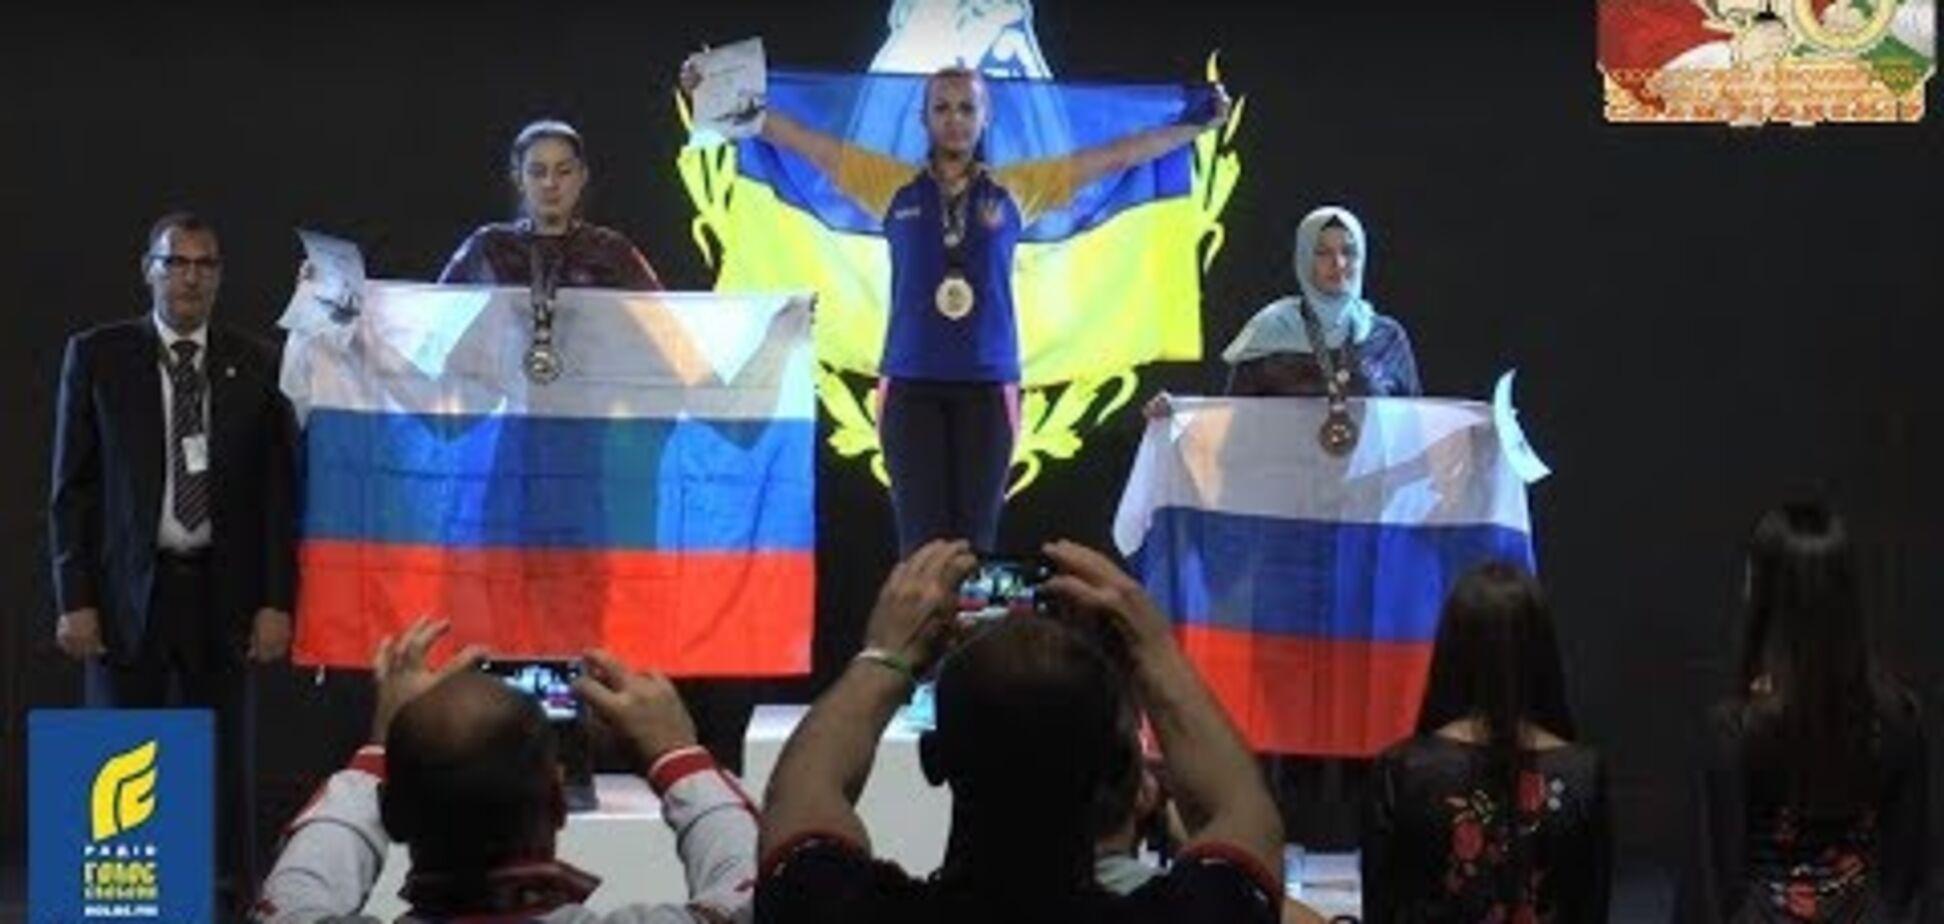 Юна українка виграла чемпіонат світу з армрестлінгу, перемігши у фіналі росіянку: опубліковано відео